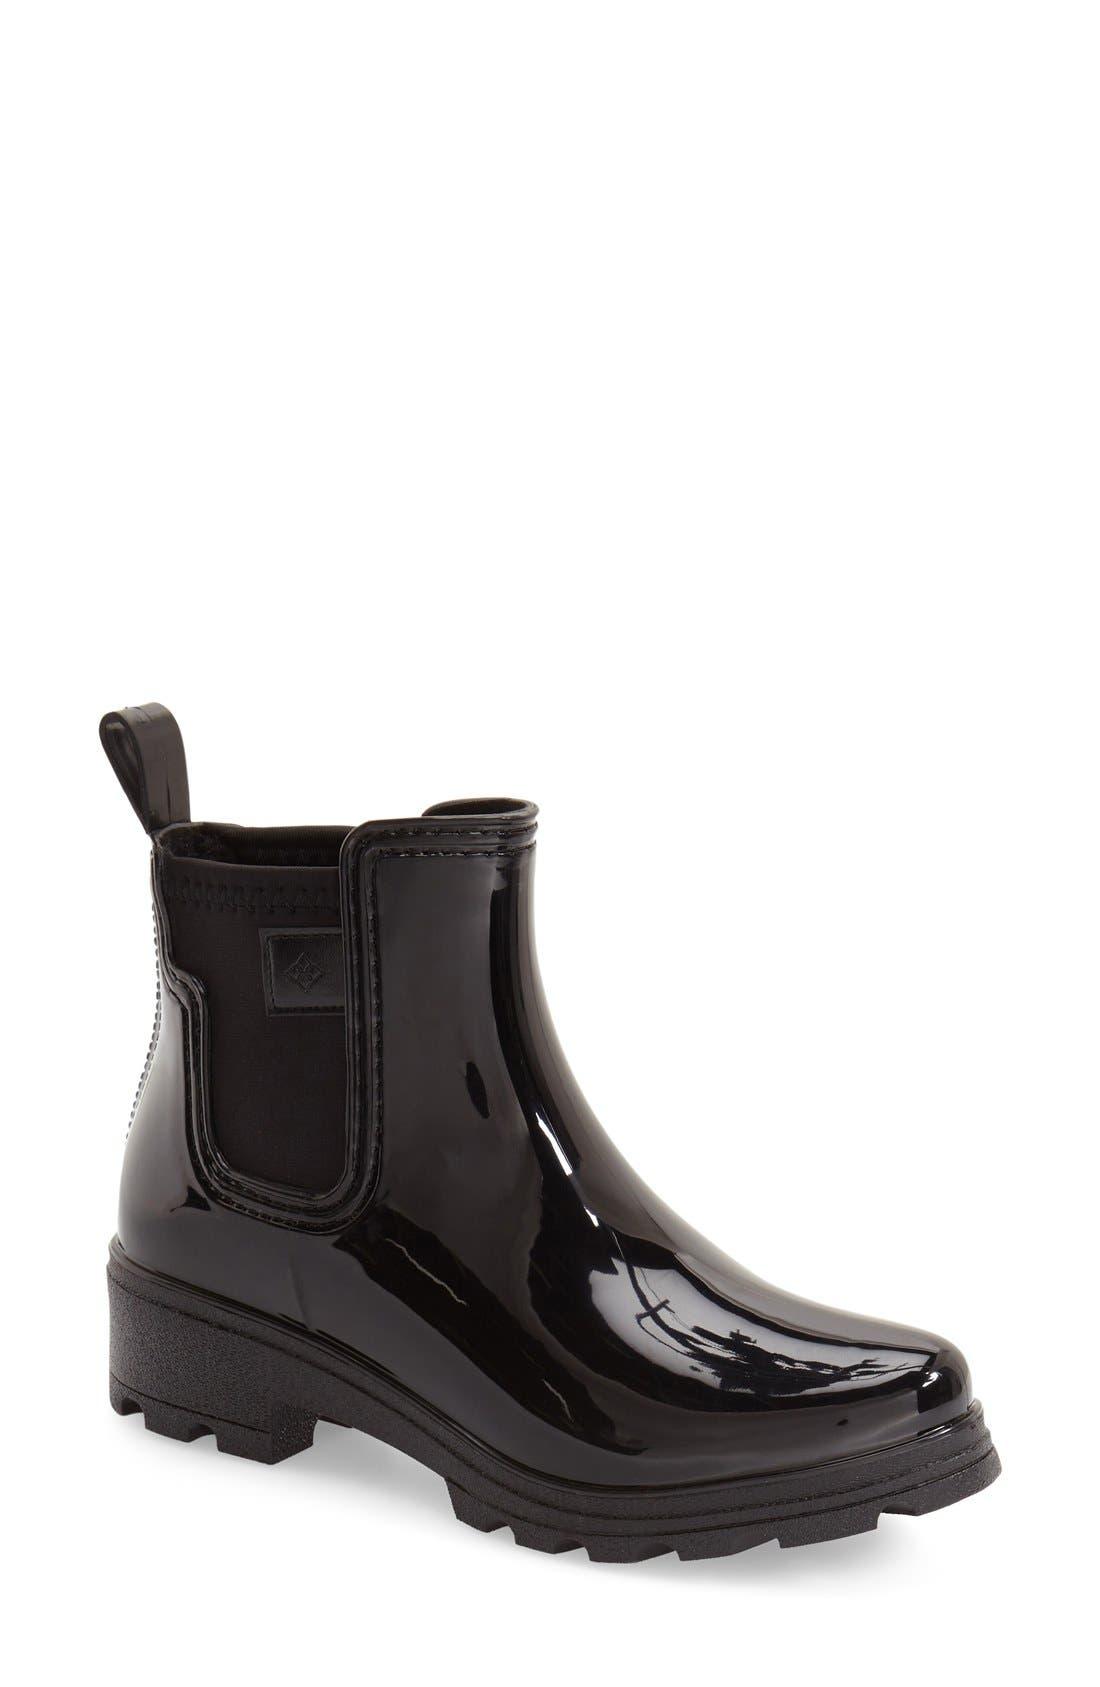 'Prague' Waterproof Chelsea Rain Boot,                             Main thumbnail 1, color,                             Black